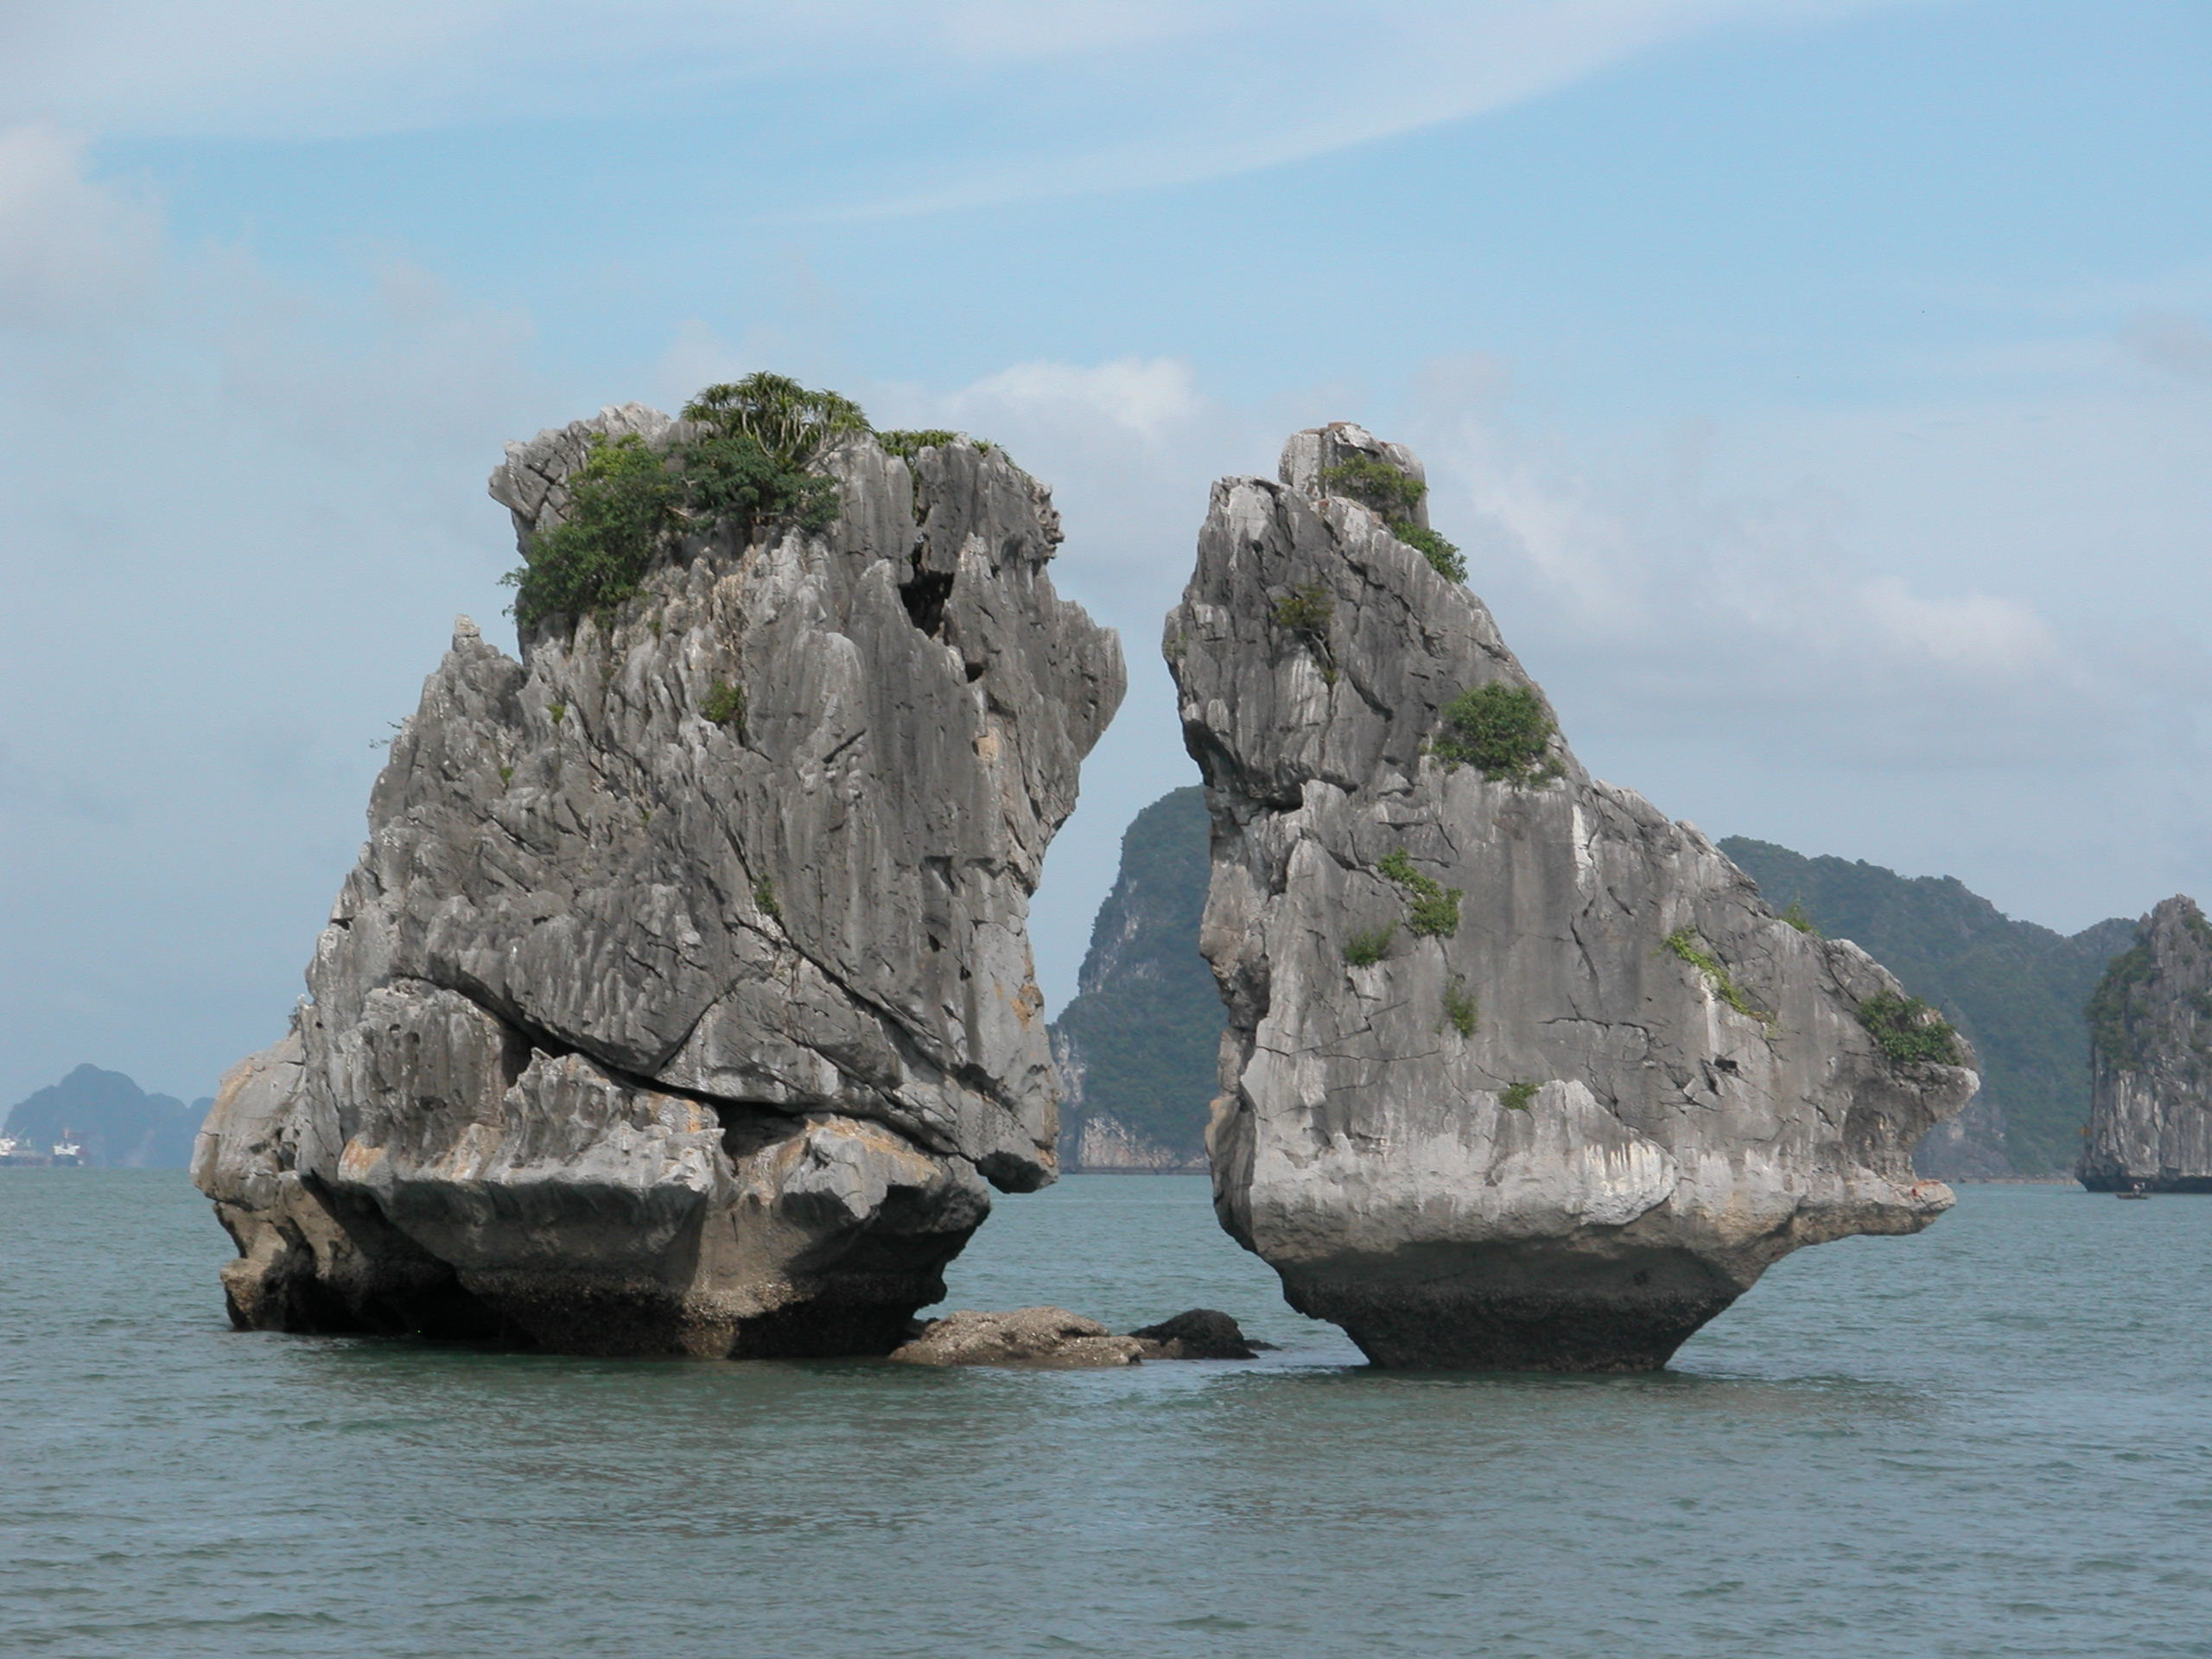 越南最受歡迎的10個旅遊目的地2021